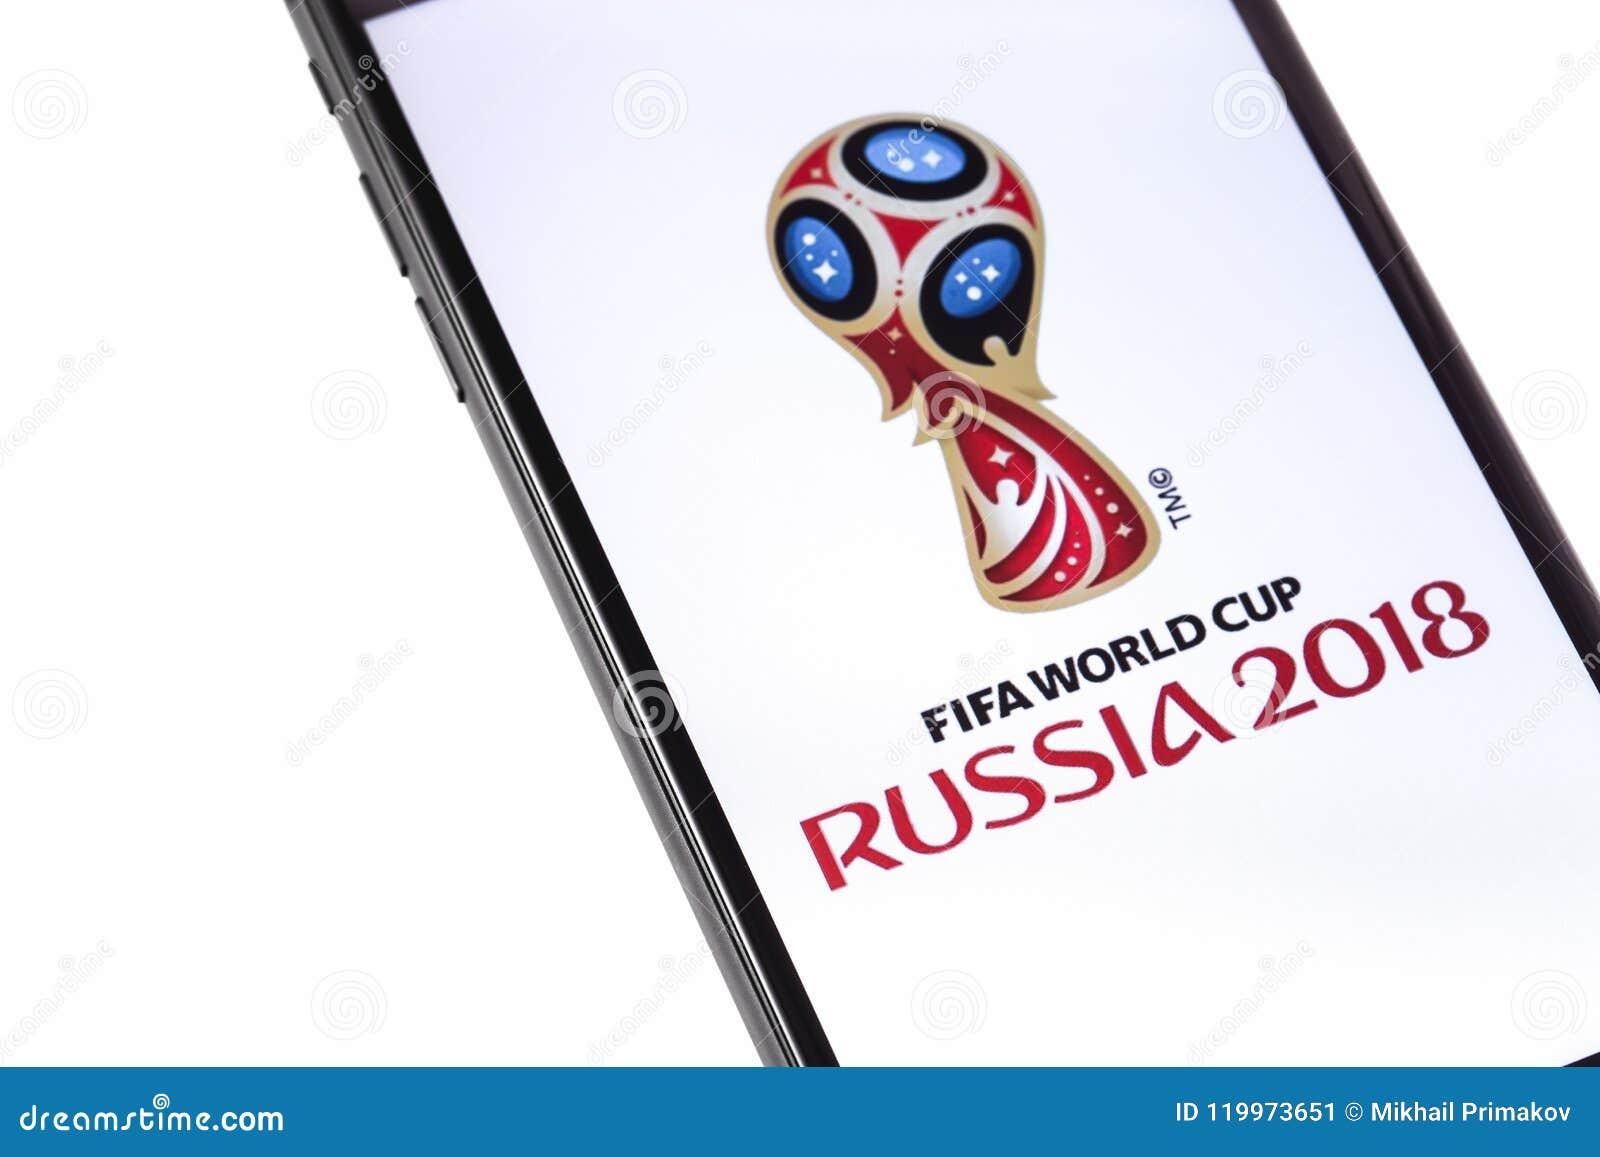 Regarder la coupe du monde de football 2018 sur son mobile